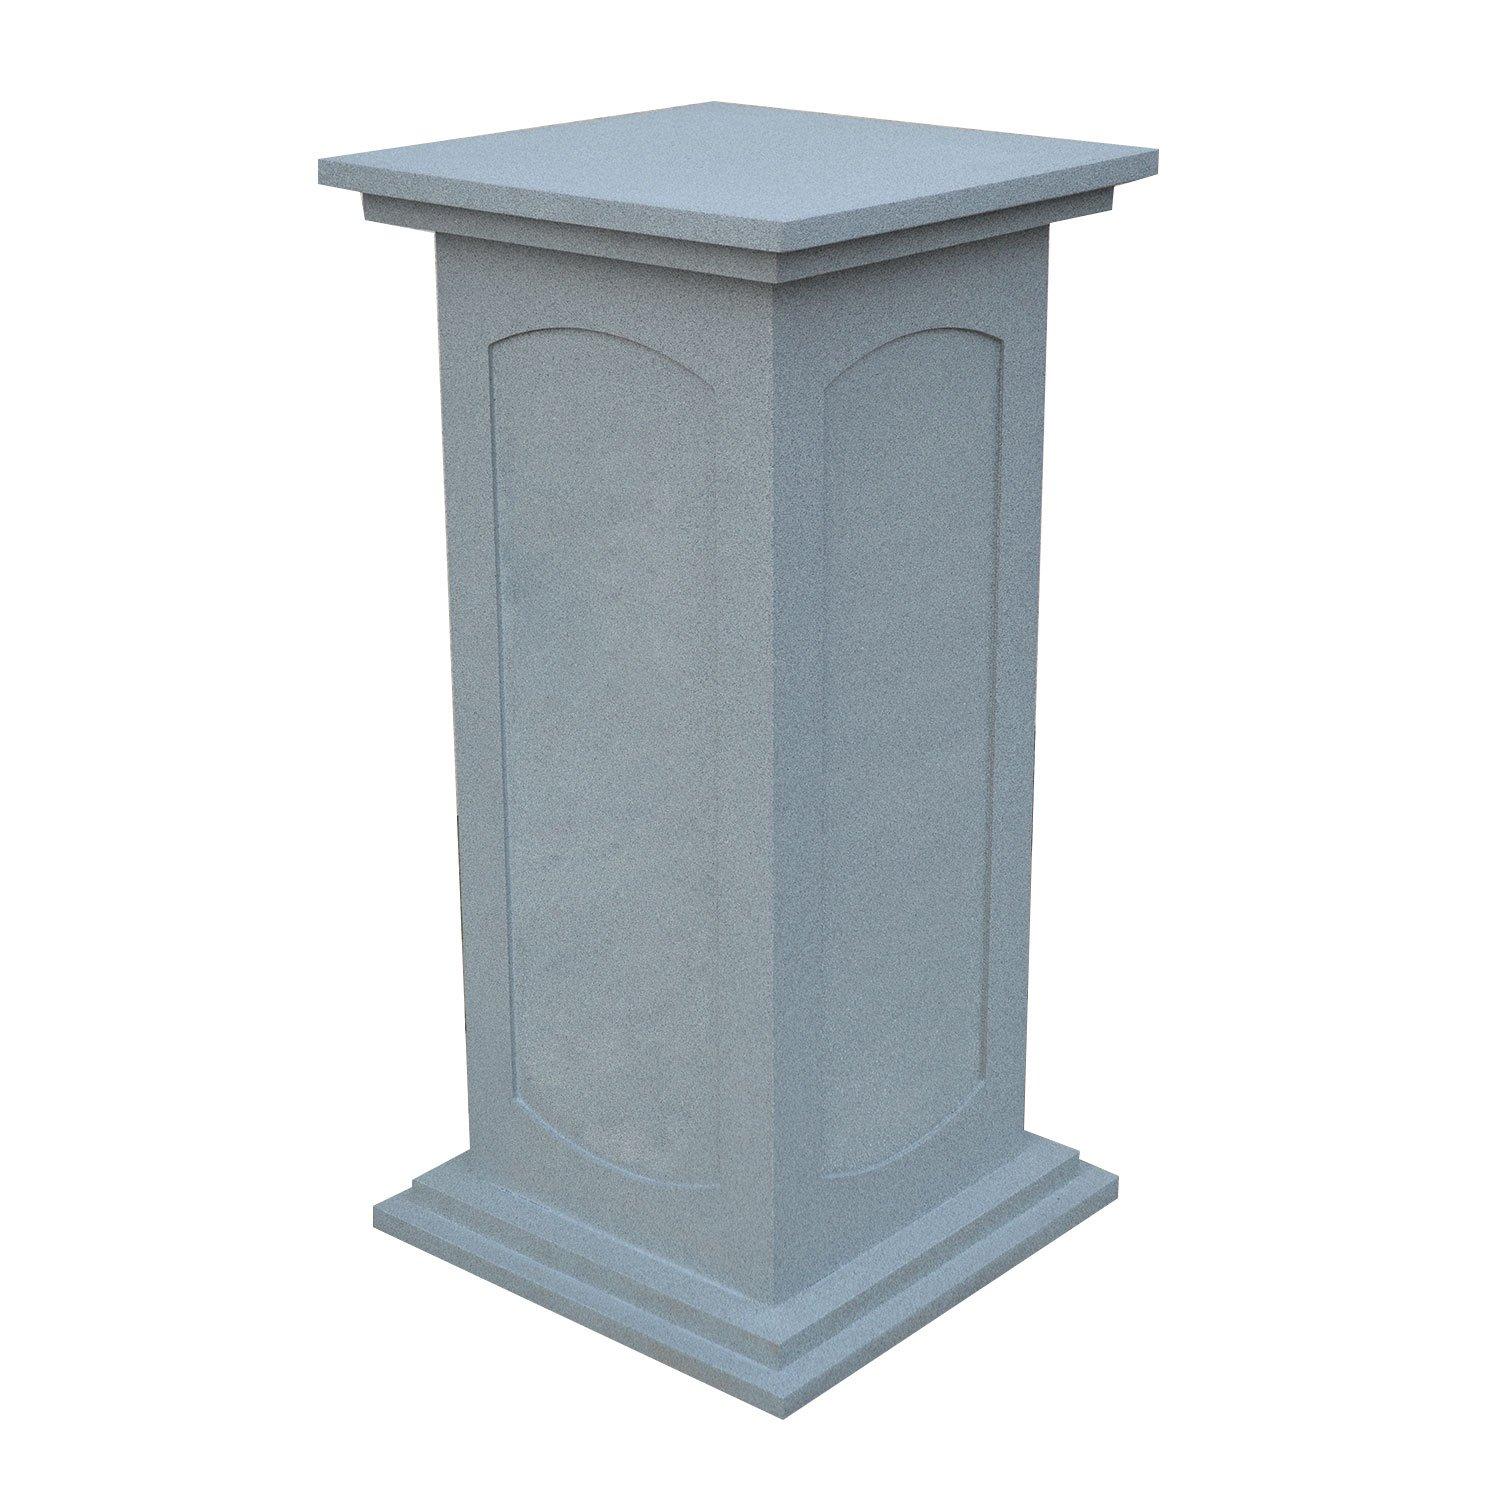 Stone Effect Wooden Plinth Exhibitionplinths Co Uk